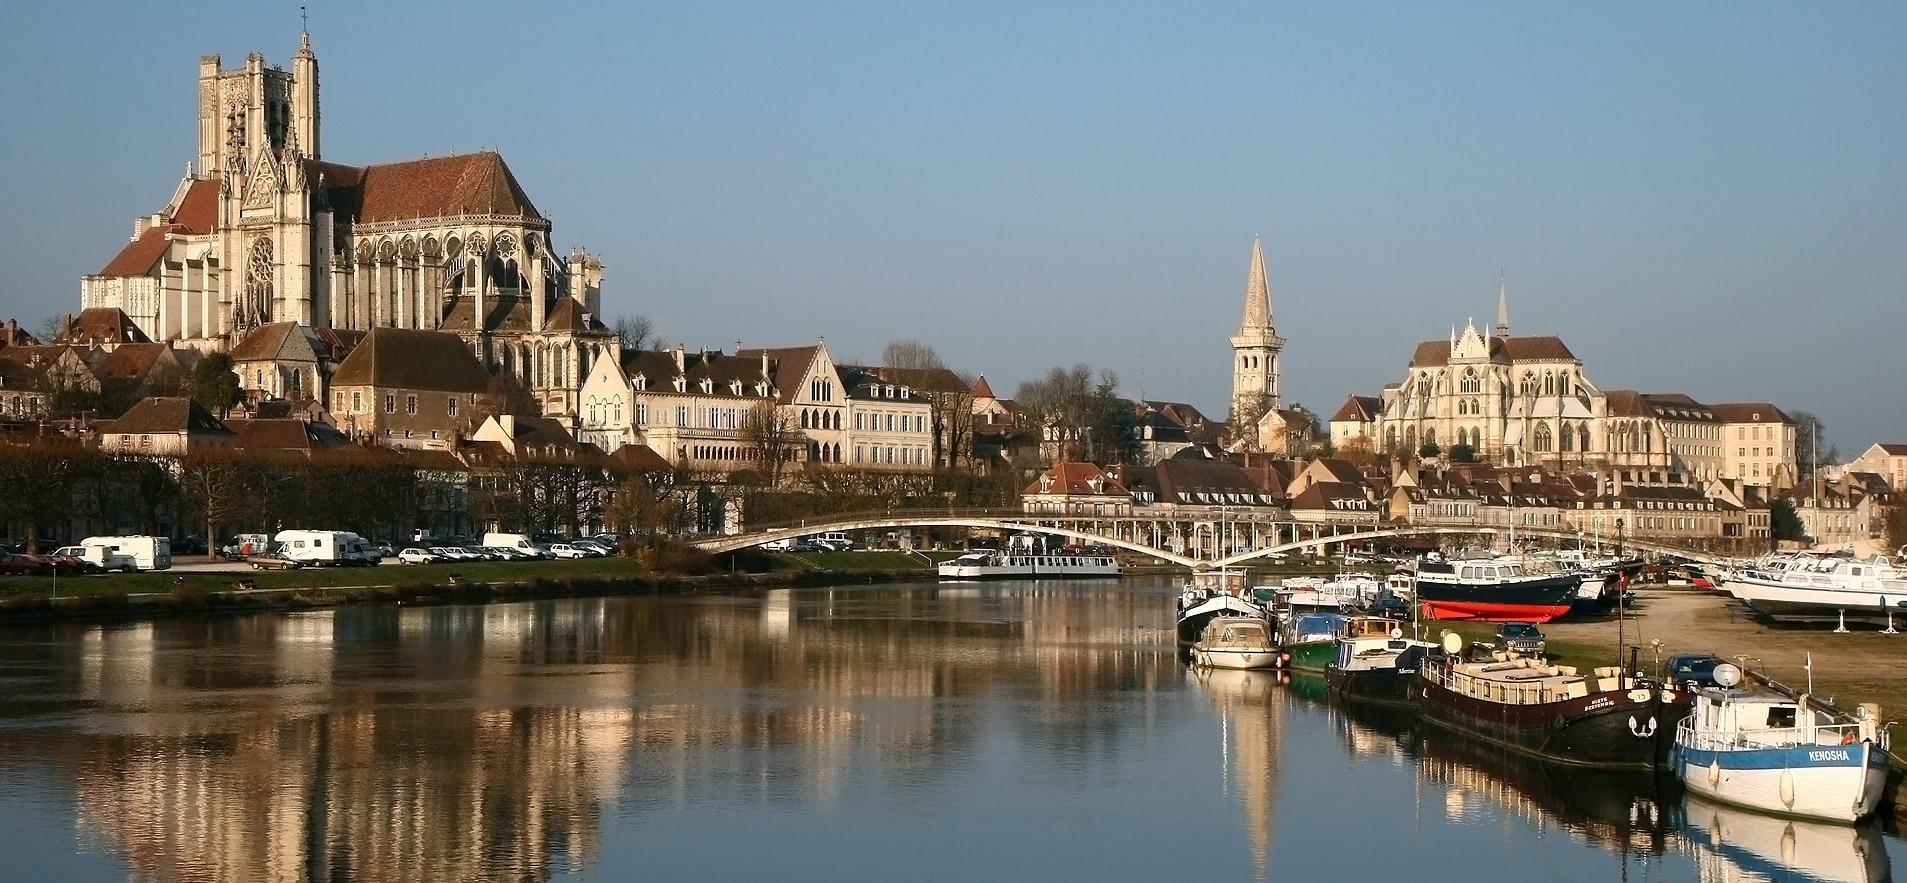 Ouverture d'une nouvelle agence illiCO travaux à Auxerre !